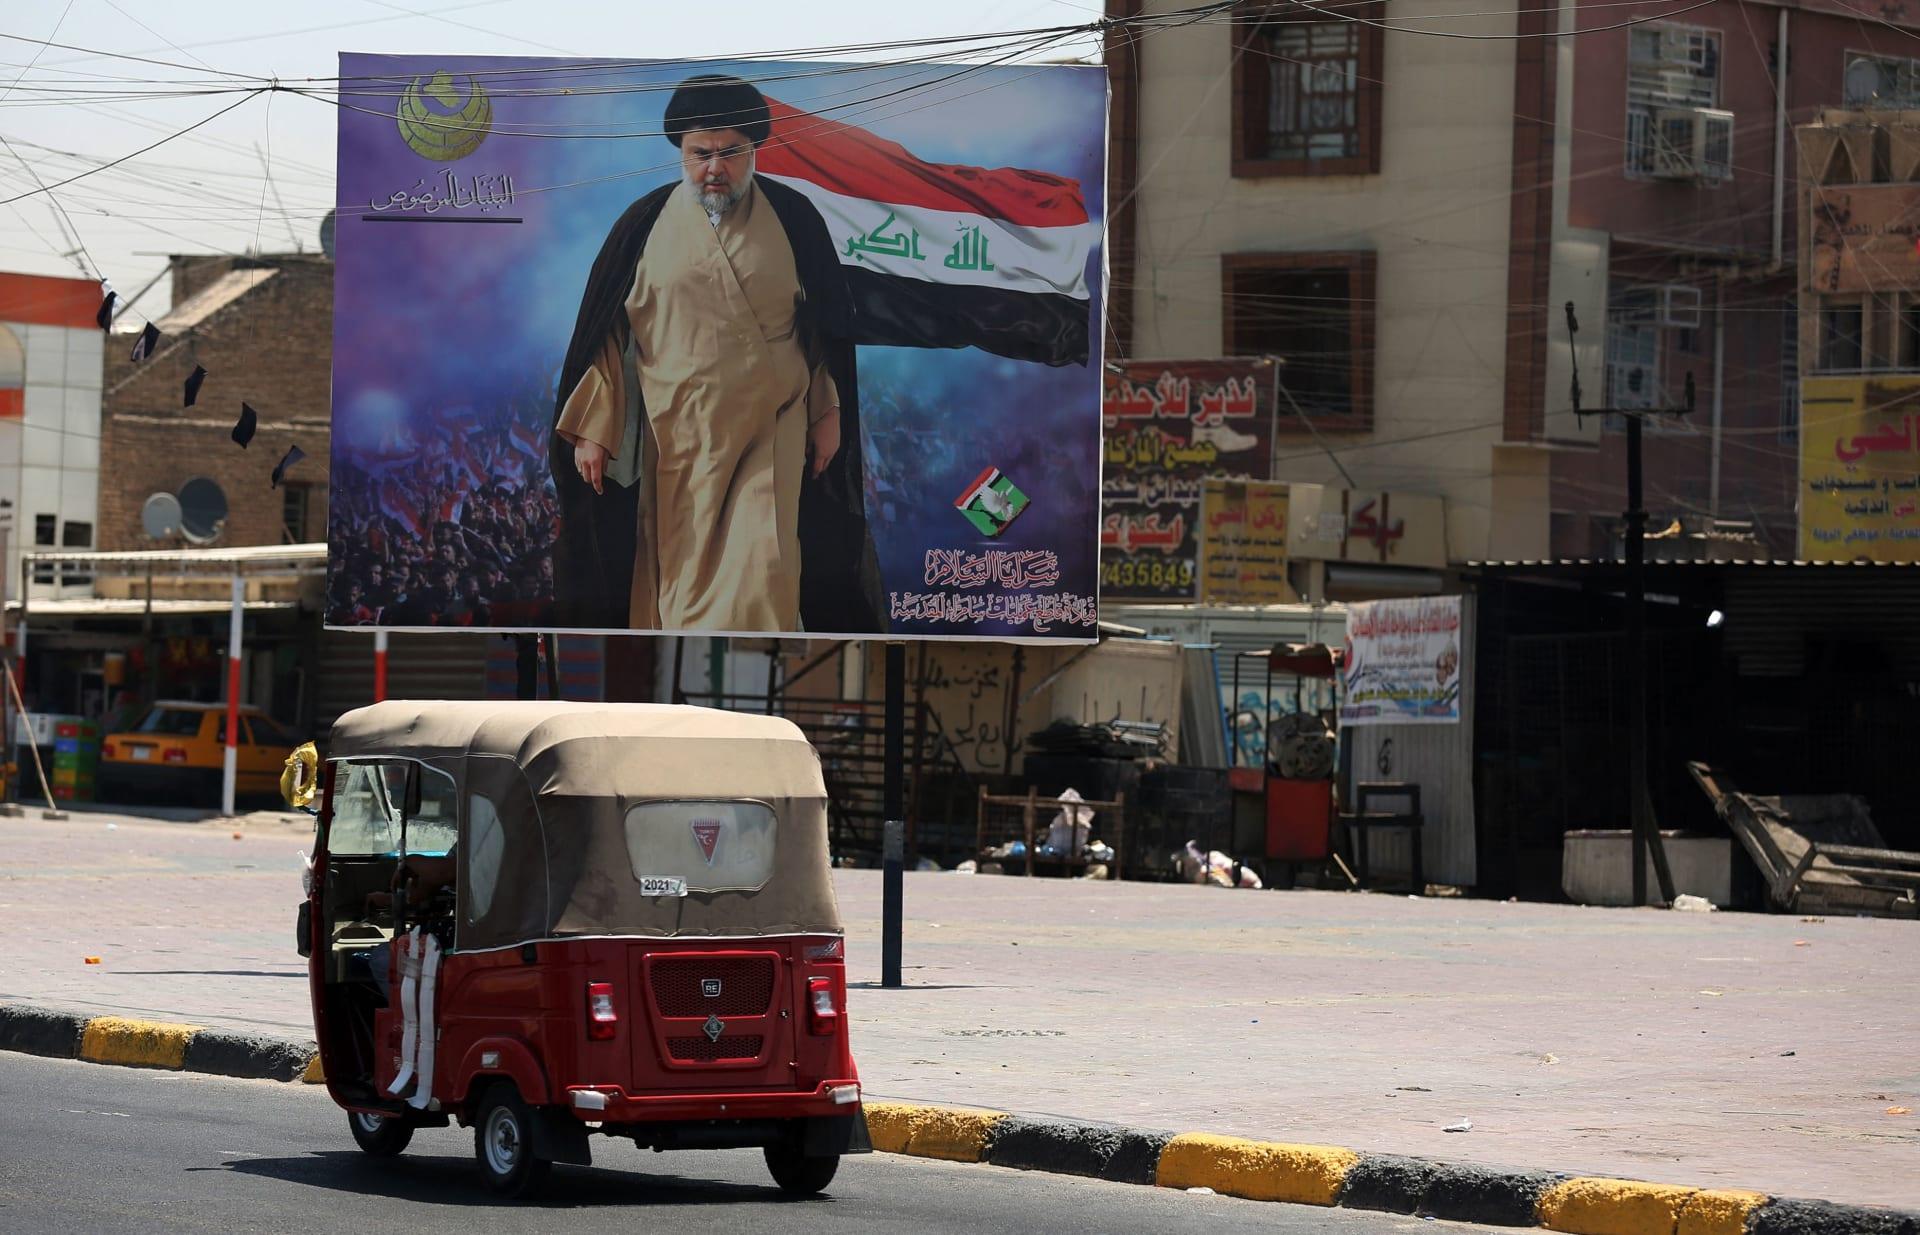 العراق.. انفجار يهز مدينة الصدر قبل يوم من العيد وبرهم صالح يتوعد باقتلاع الإرهاب